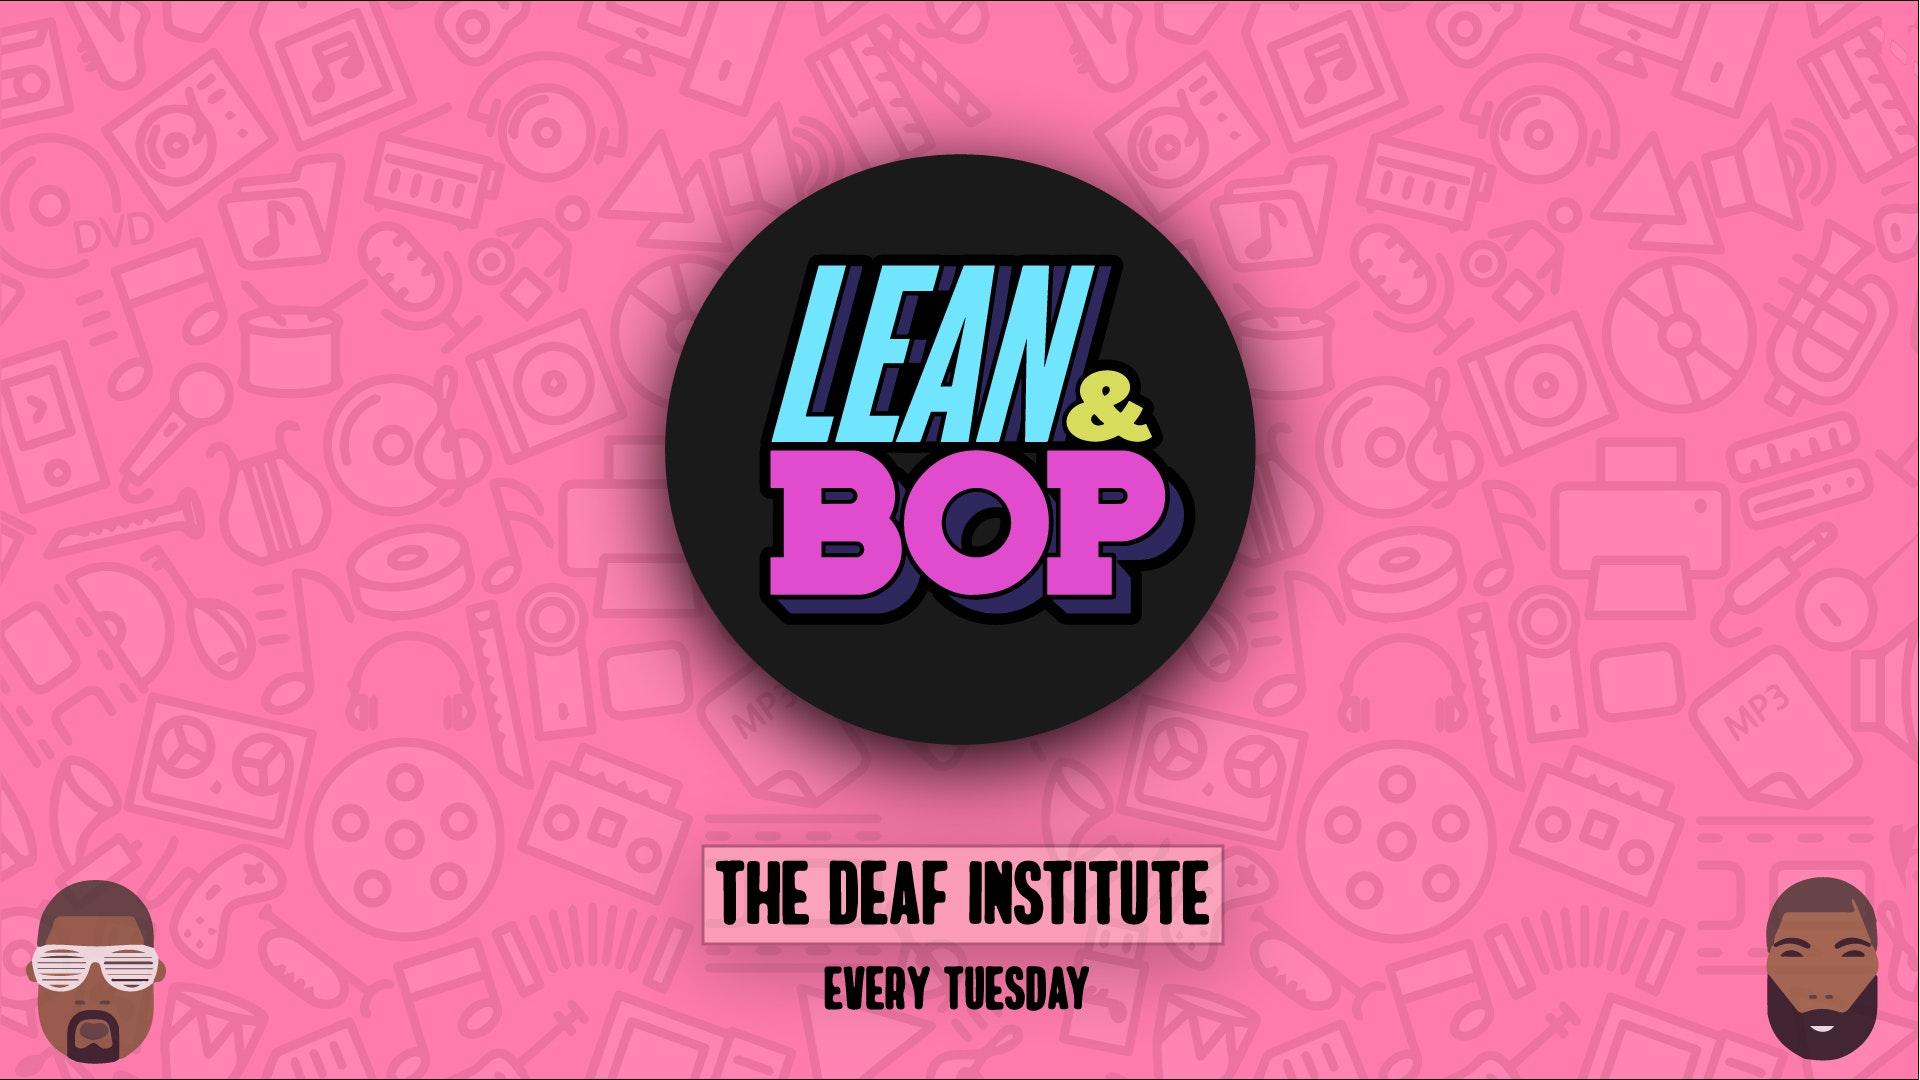 Lean & Bop – Boujee Bonfire